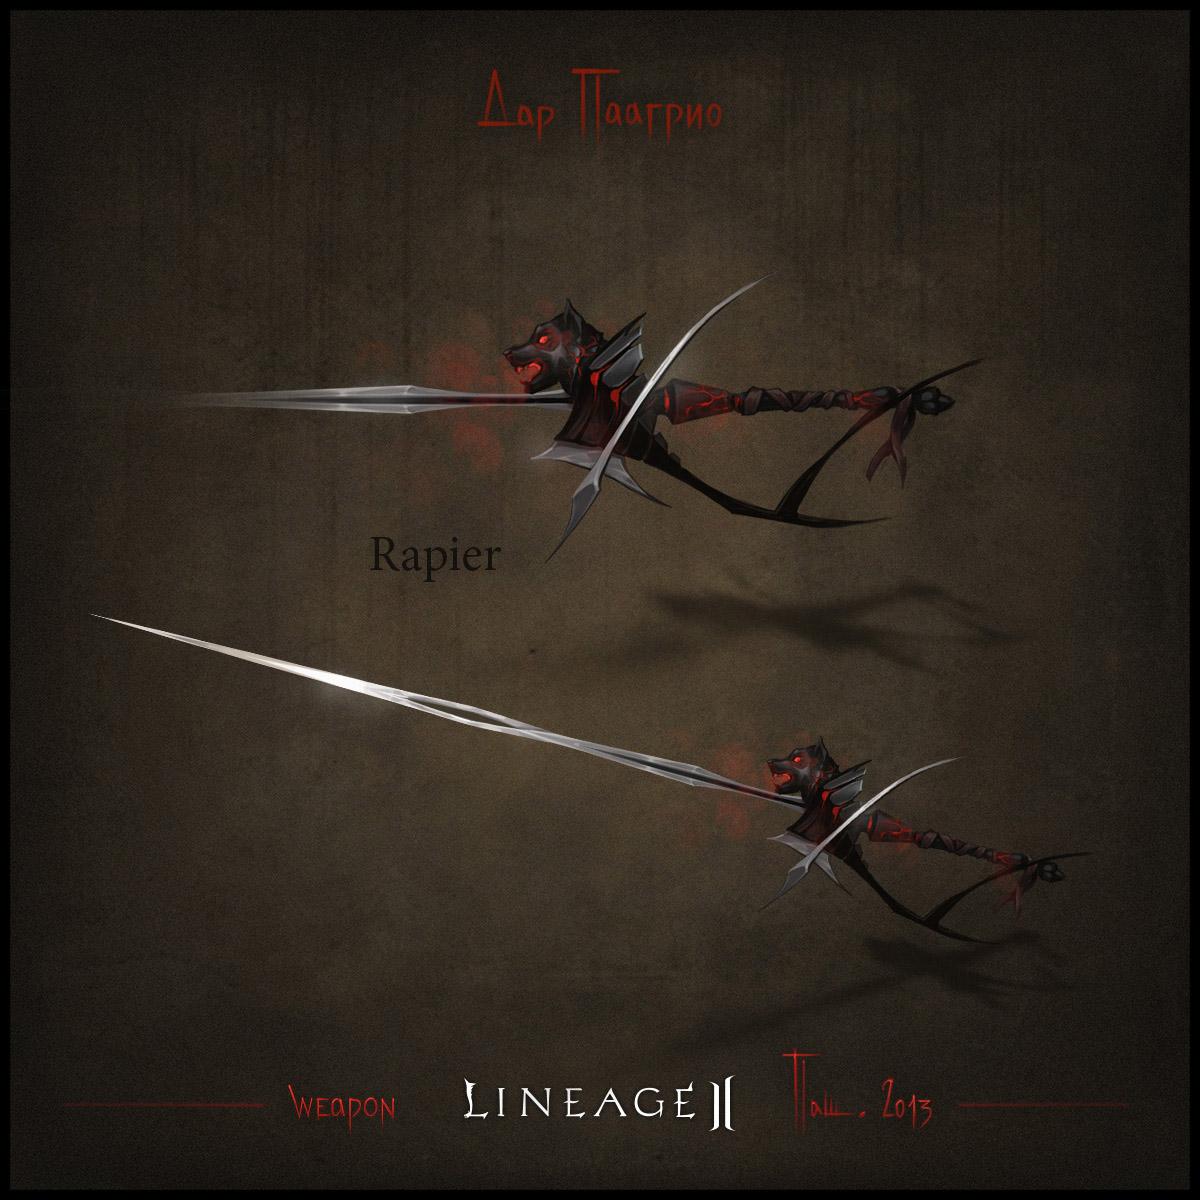 sword art online mobile wallpaper download